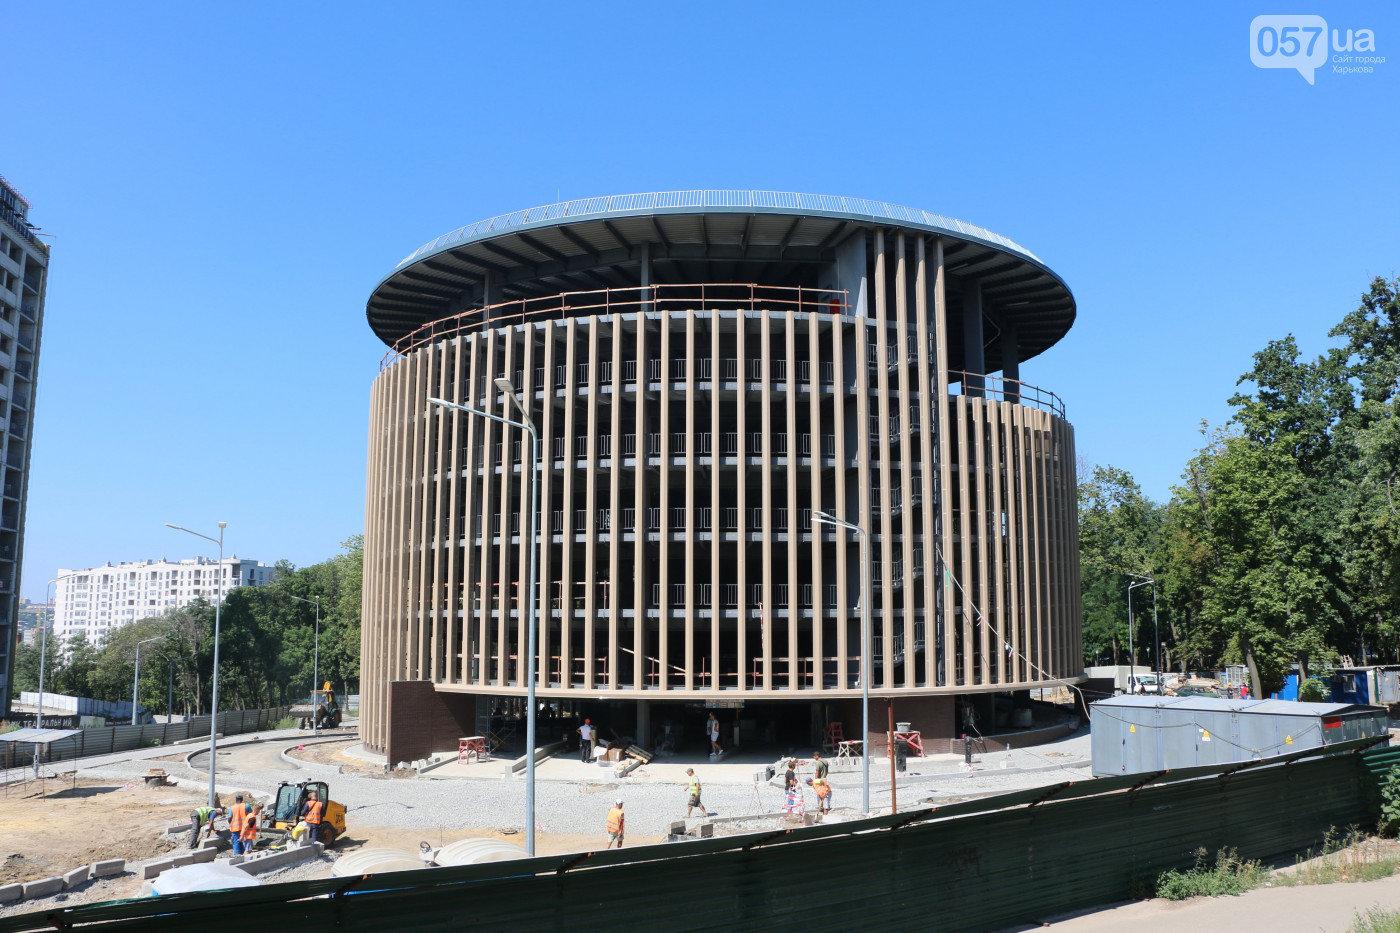 Сквер, паркинг и лавочки: ТОП завершенных строек Харькова за 2020 год, фото-13